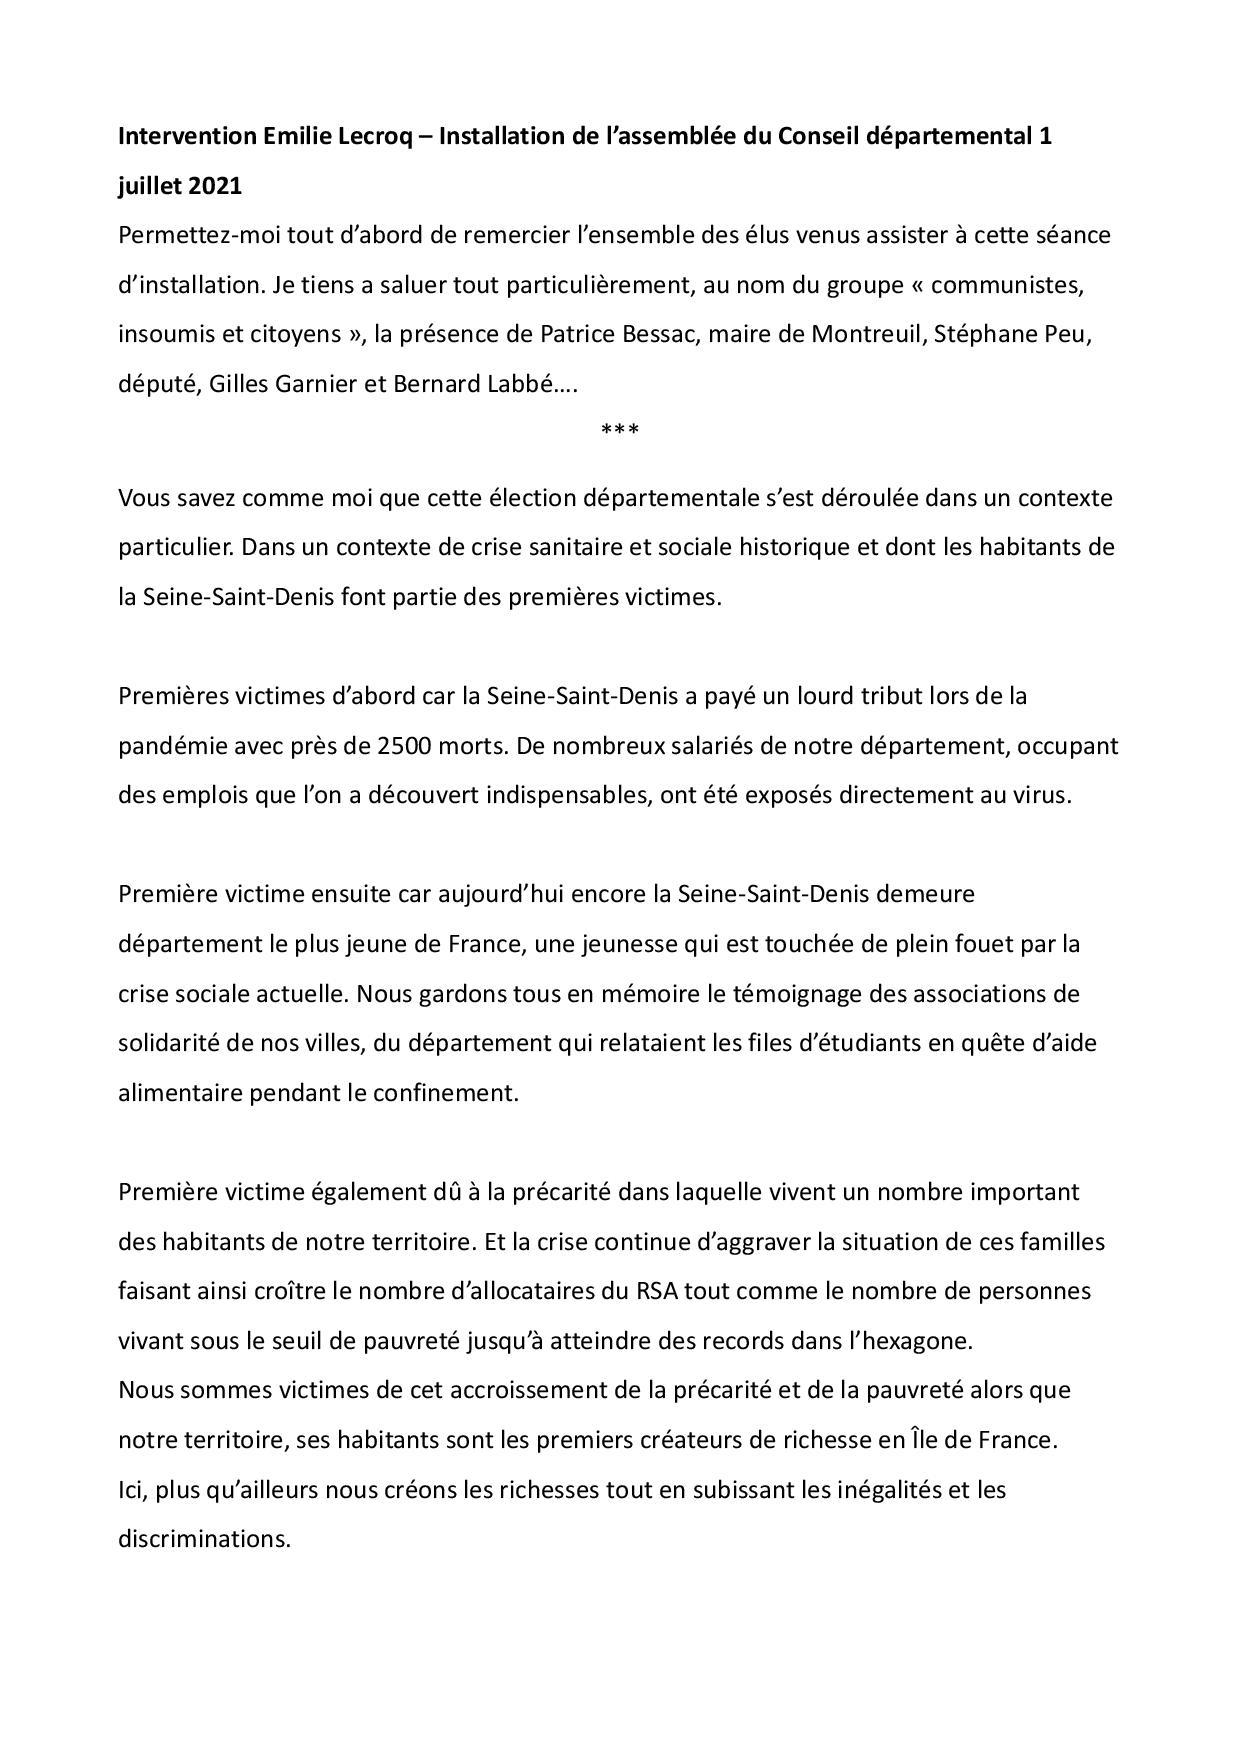 intervention_Emilie_Lecroq-page-001.jpg